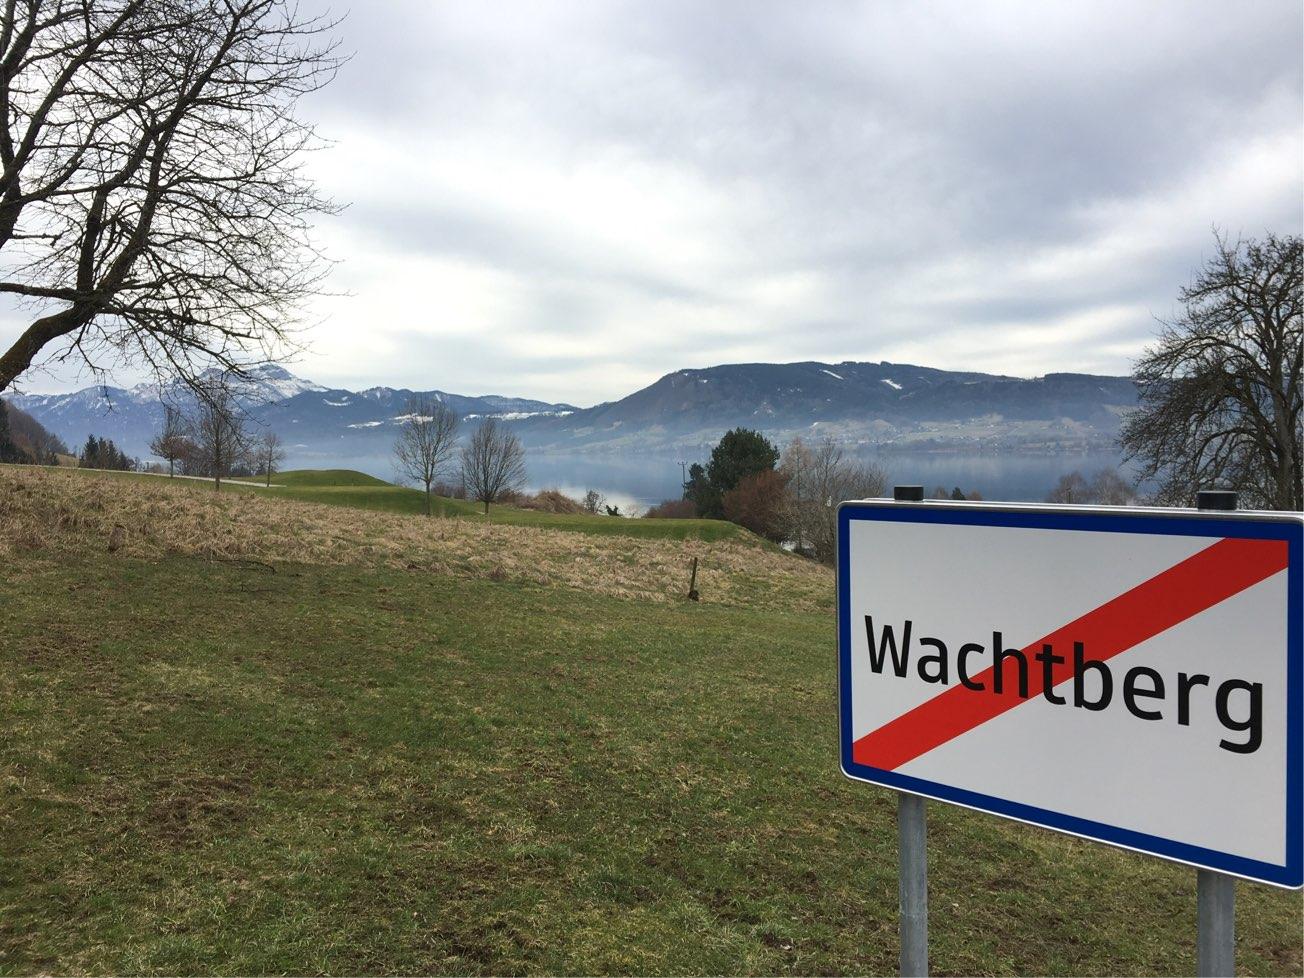 Jetzt gehts los: rund um den Wachtberg